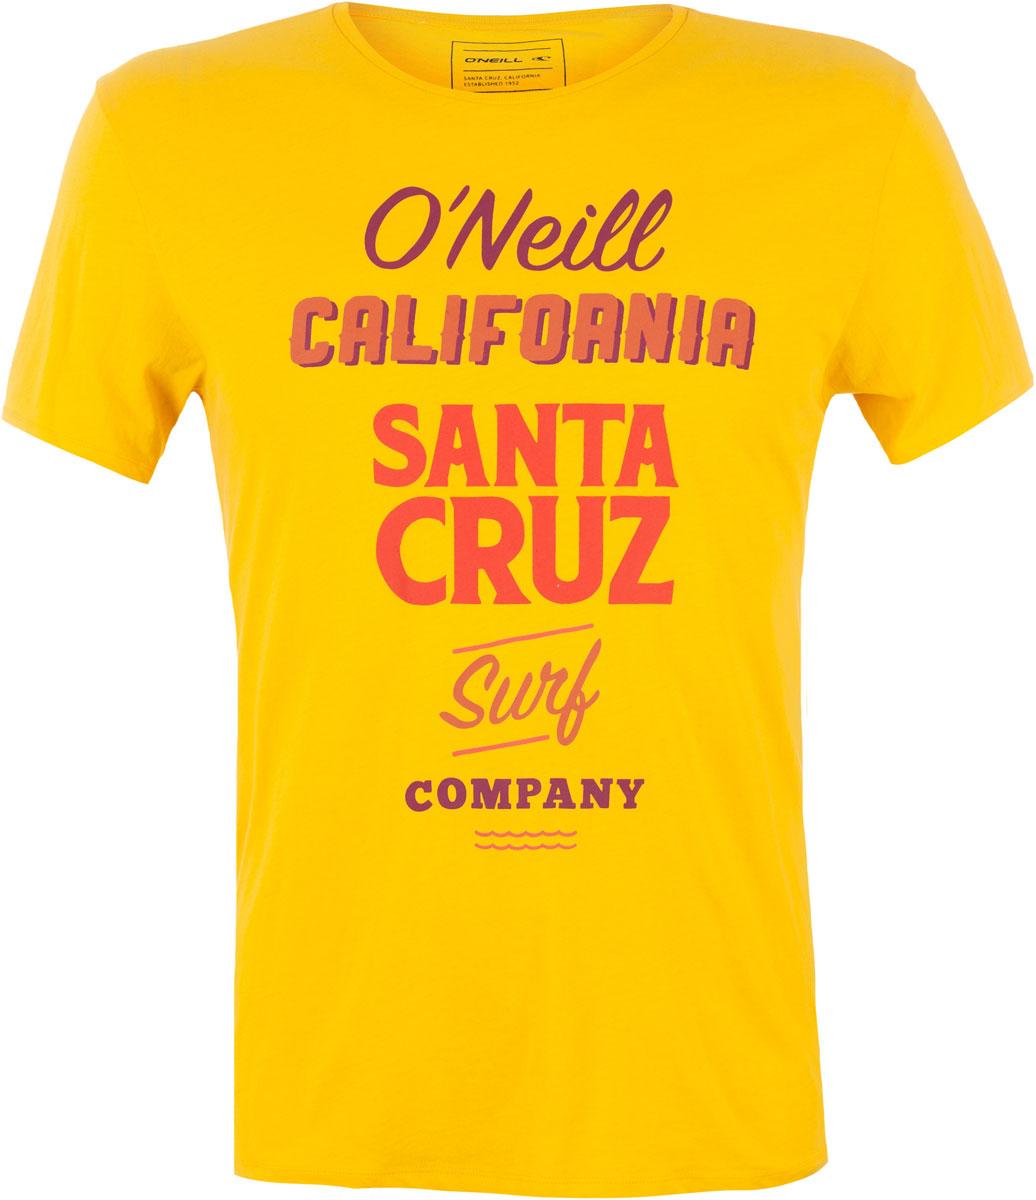 Футболка мужская ONeill Lm Logo Art T-Shirt, цвет: желтый. 7A3660-2046. Размер M (48/50)7A3660-2046Футболка мужская ONeill выполнена из 100% хлопка. Модель имеет стандартный крой, короткий рукав и круглый вырез горловины. Футболка дополнена надписями.